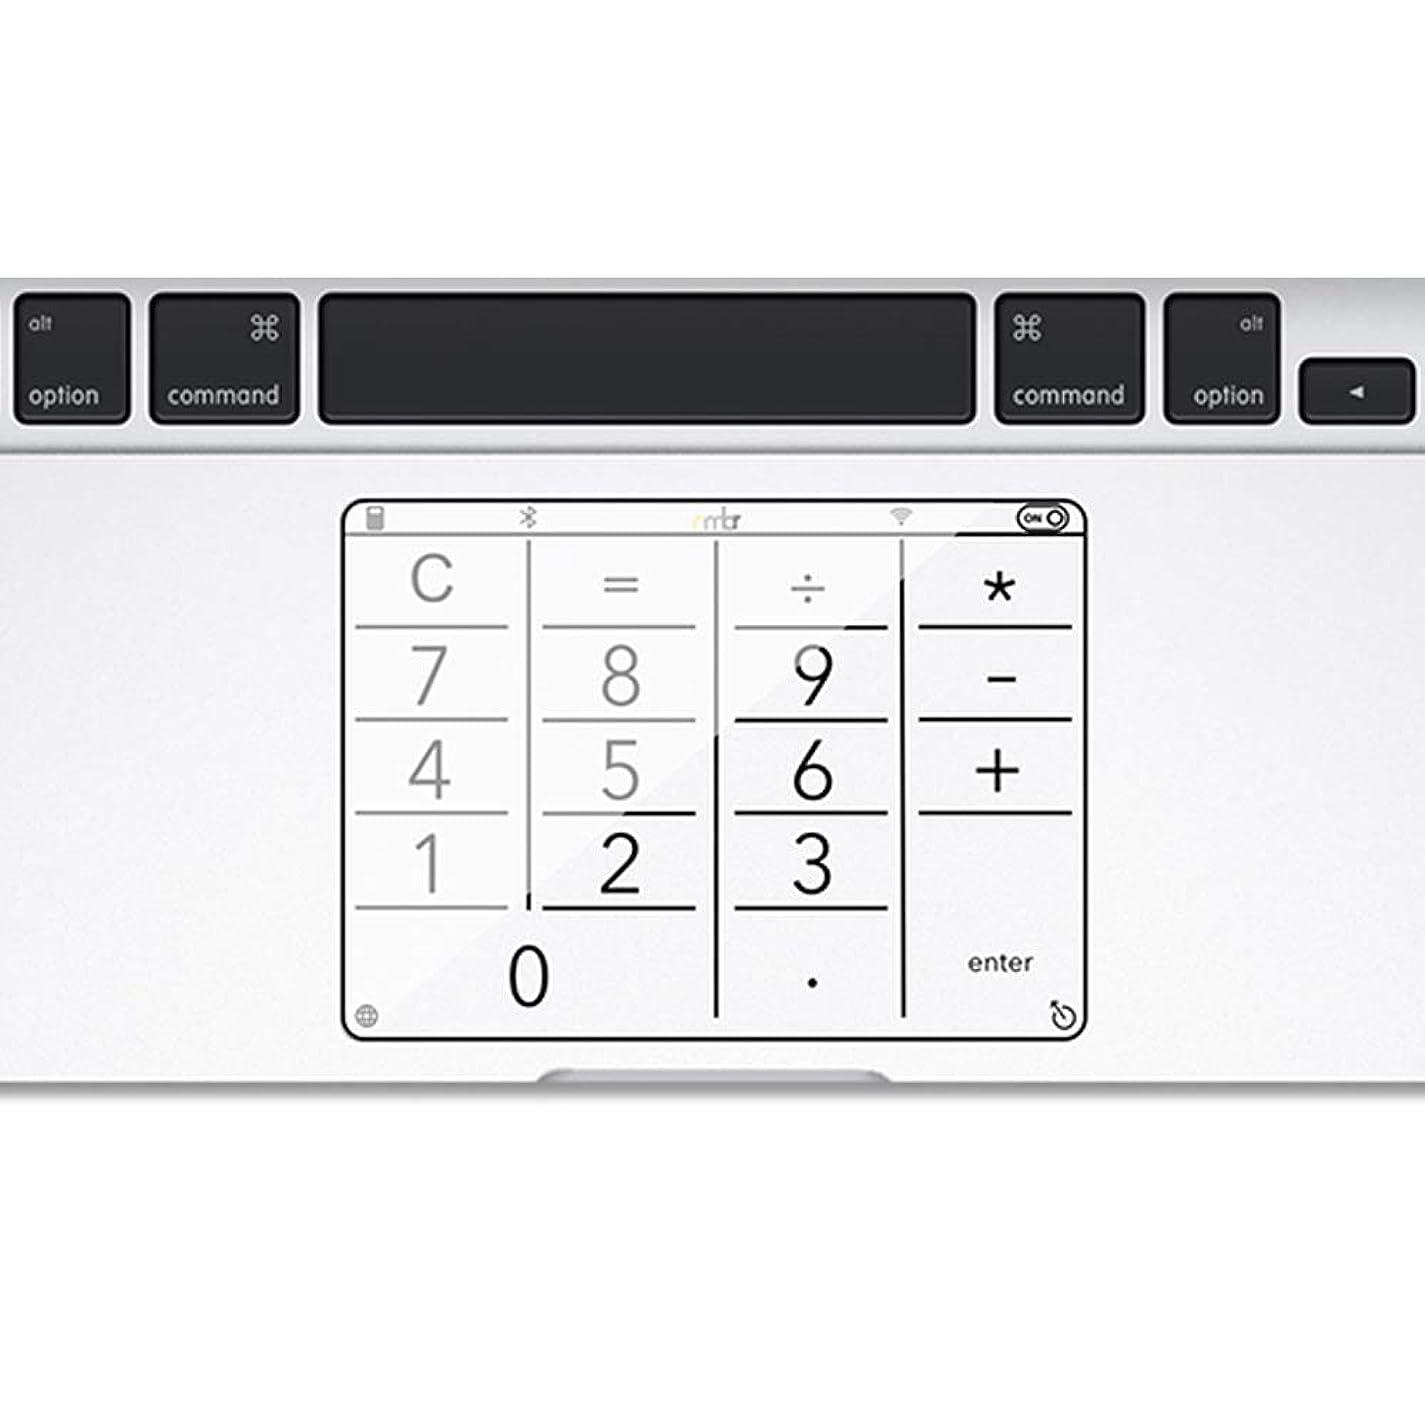 出発する変換する王位nmbr MacBook マックブック テンキー トラックパッド マジックトラックパット シリアルナンバーつき (MacBook Air 11inch (2011+))